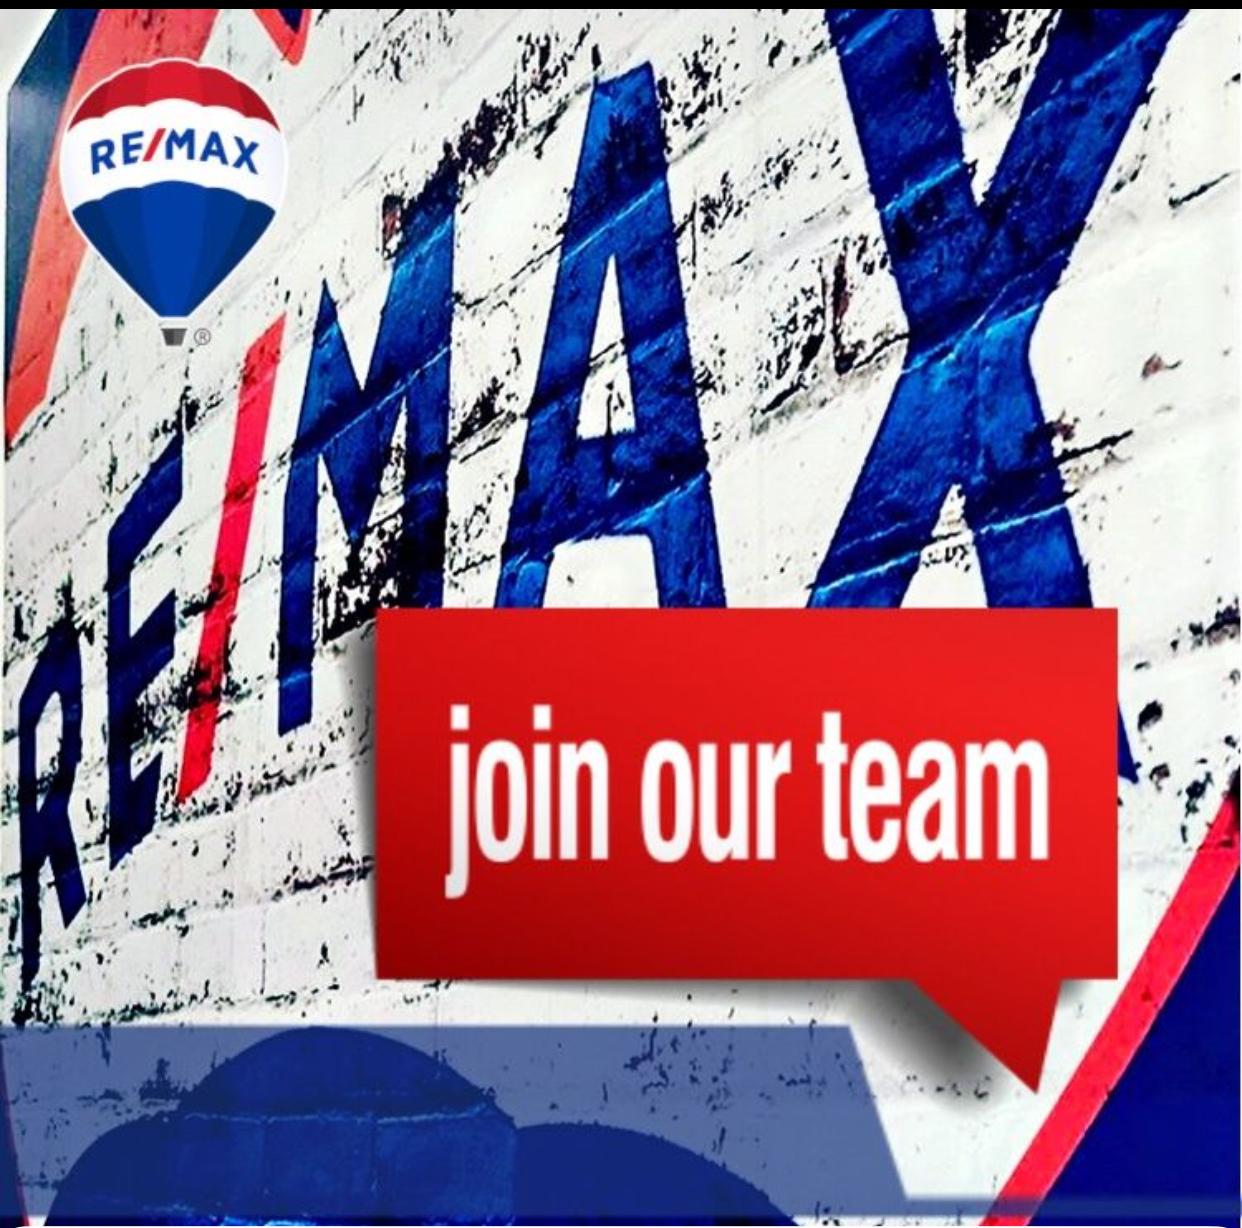 RE/MAX Property Professionals